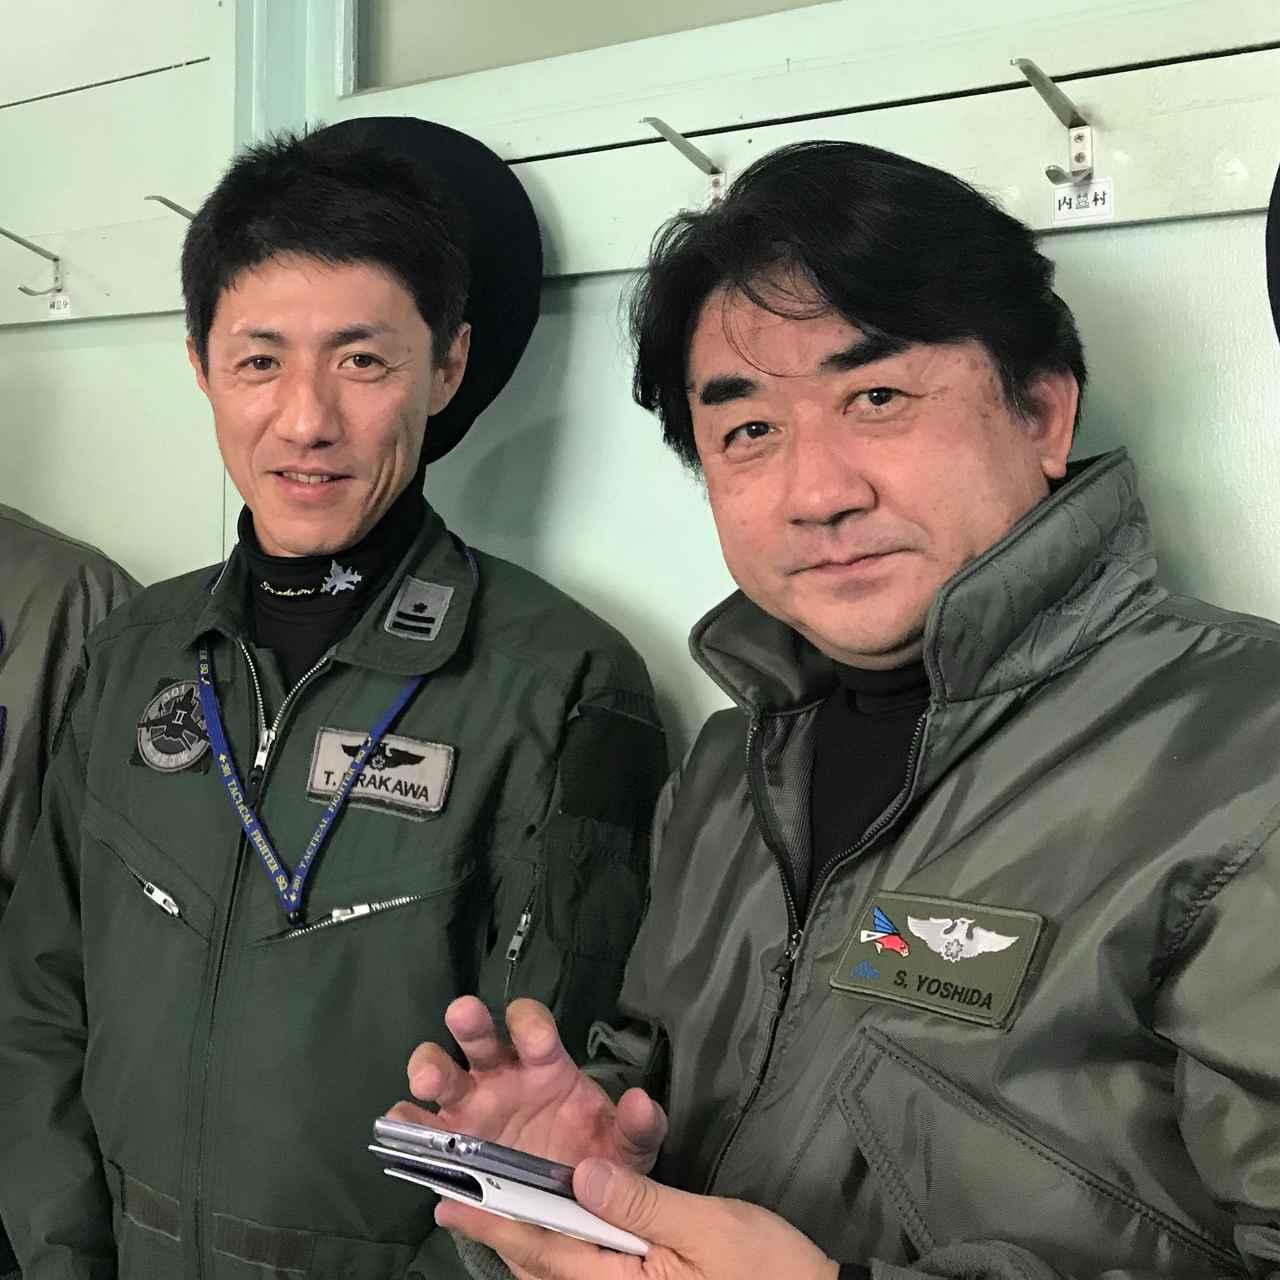 画像: 左・平川3空佐、右・吉田信也元飛行班長 (写真:ブルーインパルスファンネット)